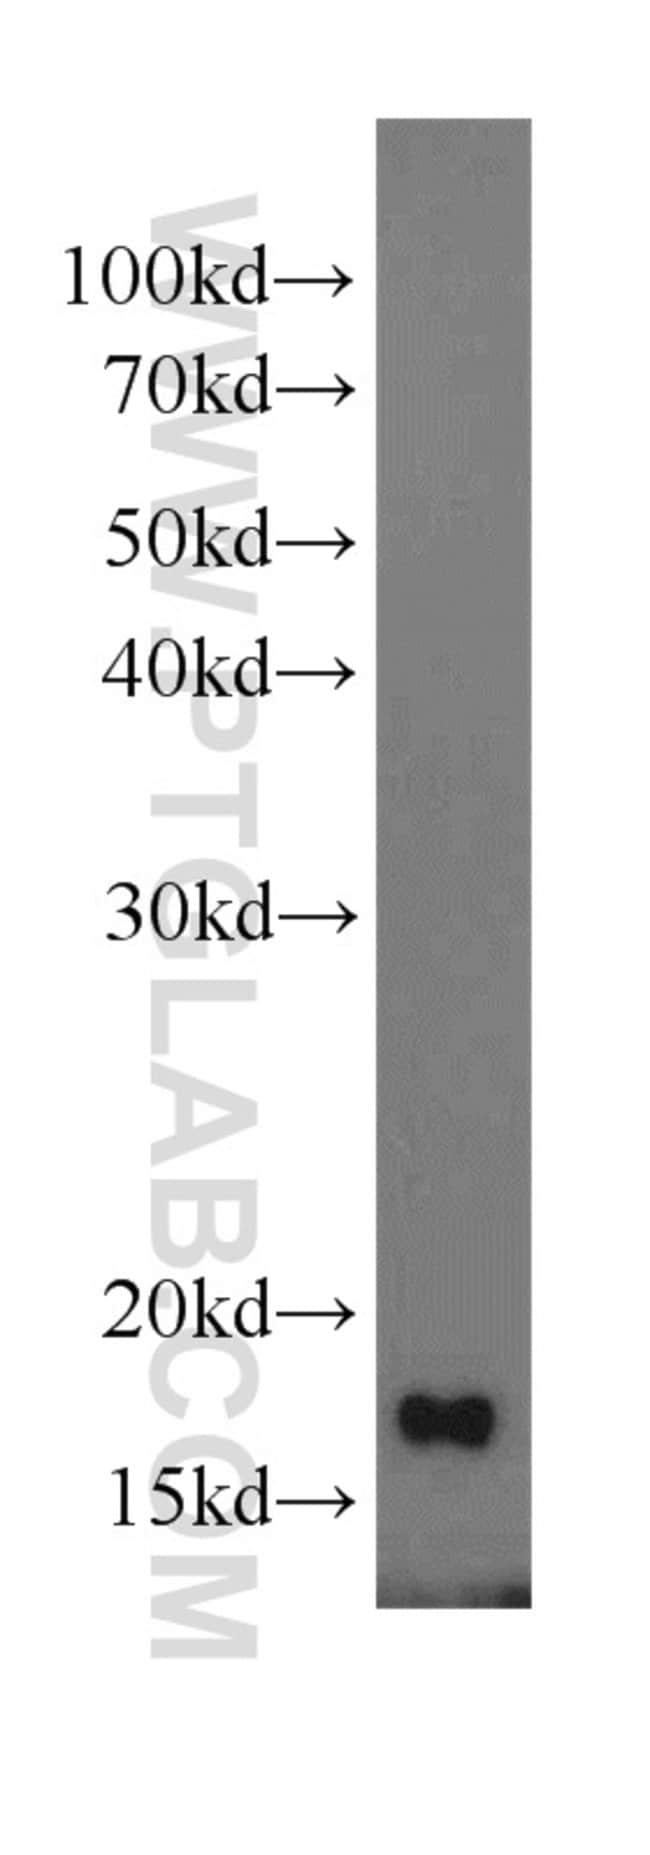 MTP18 Rabbit anti-Human, Mouse, Rat, Polyclonal, Proteintech 150 μL; Unconjugated voir les résultats